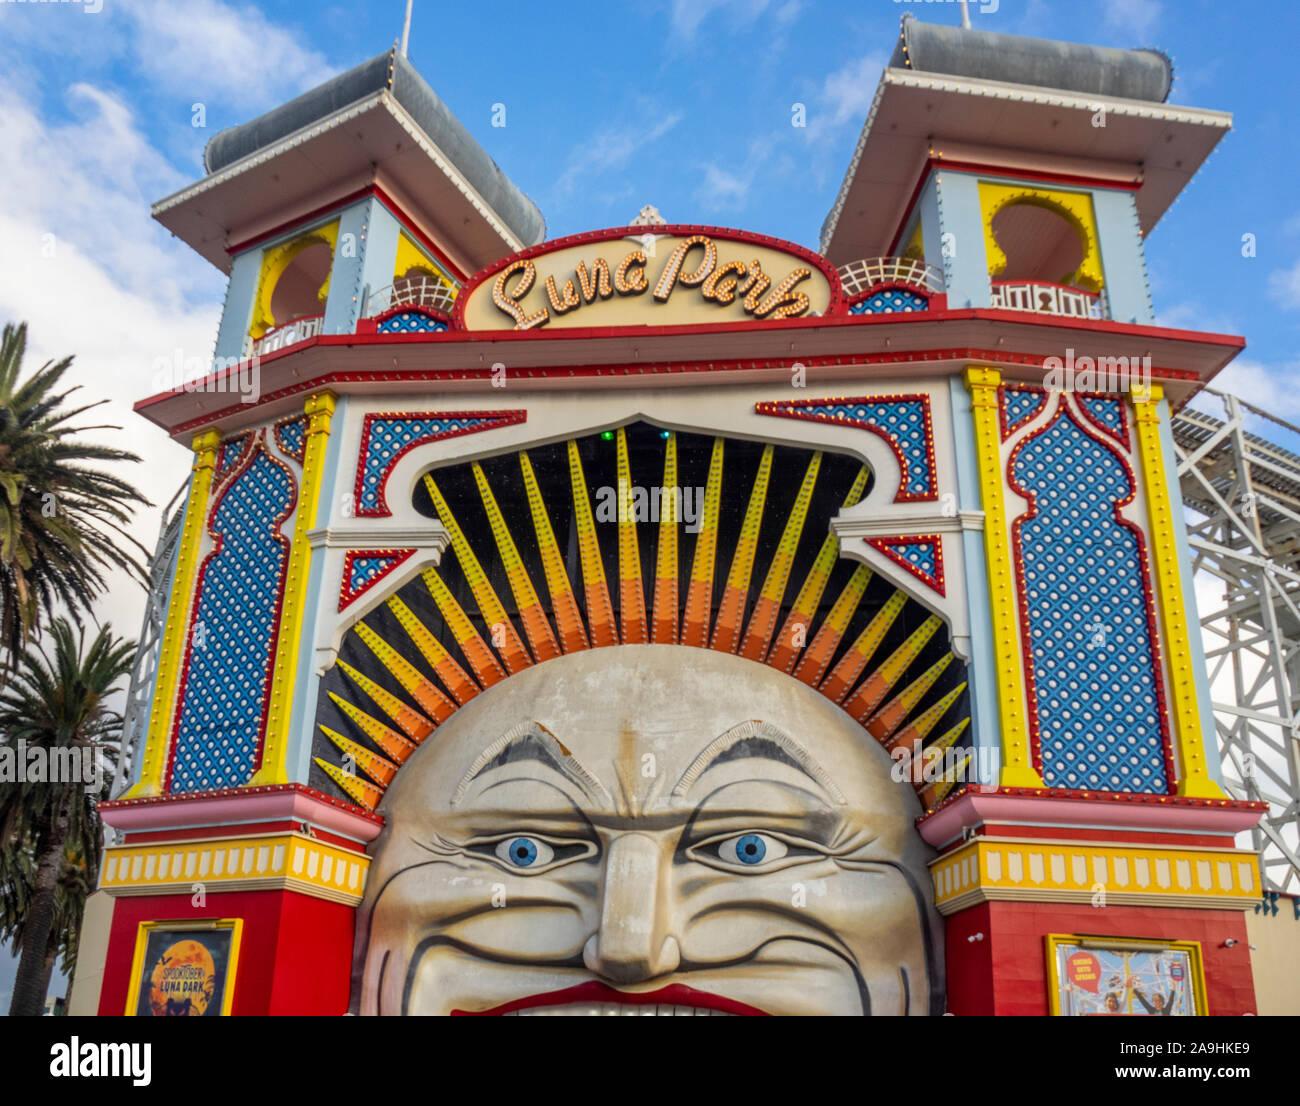 Señor icónica Cara de luna entrada al parque de atracciones Luna Park, recinto ferial de St Kilda Melbourne, Victoria, Australia. Foto de stock